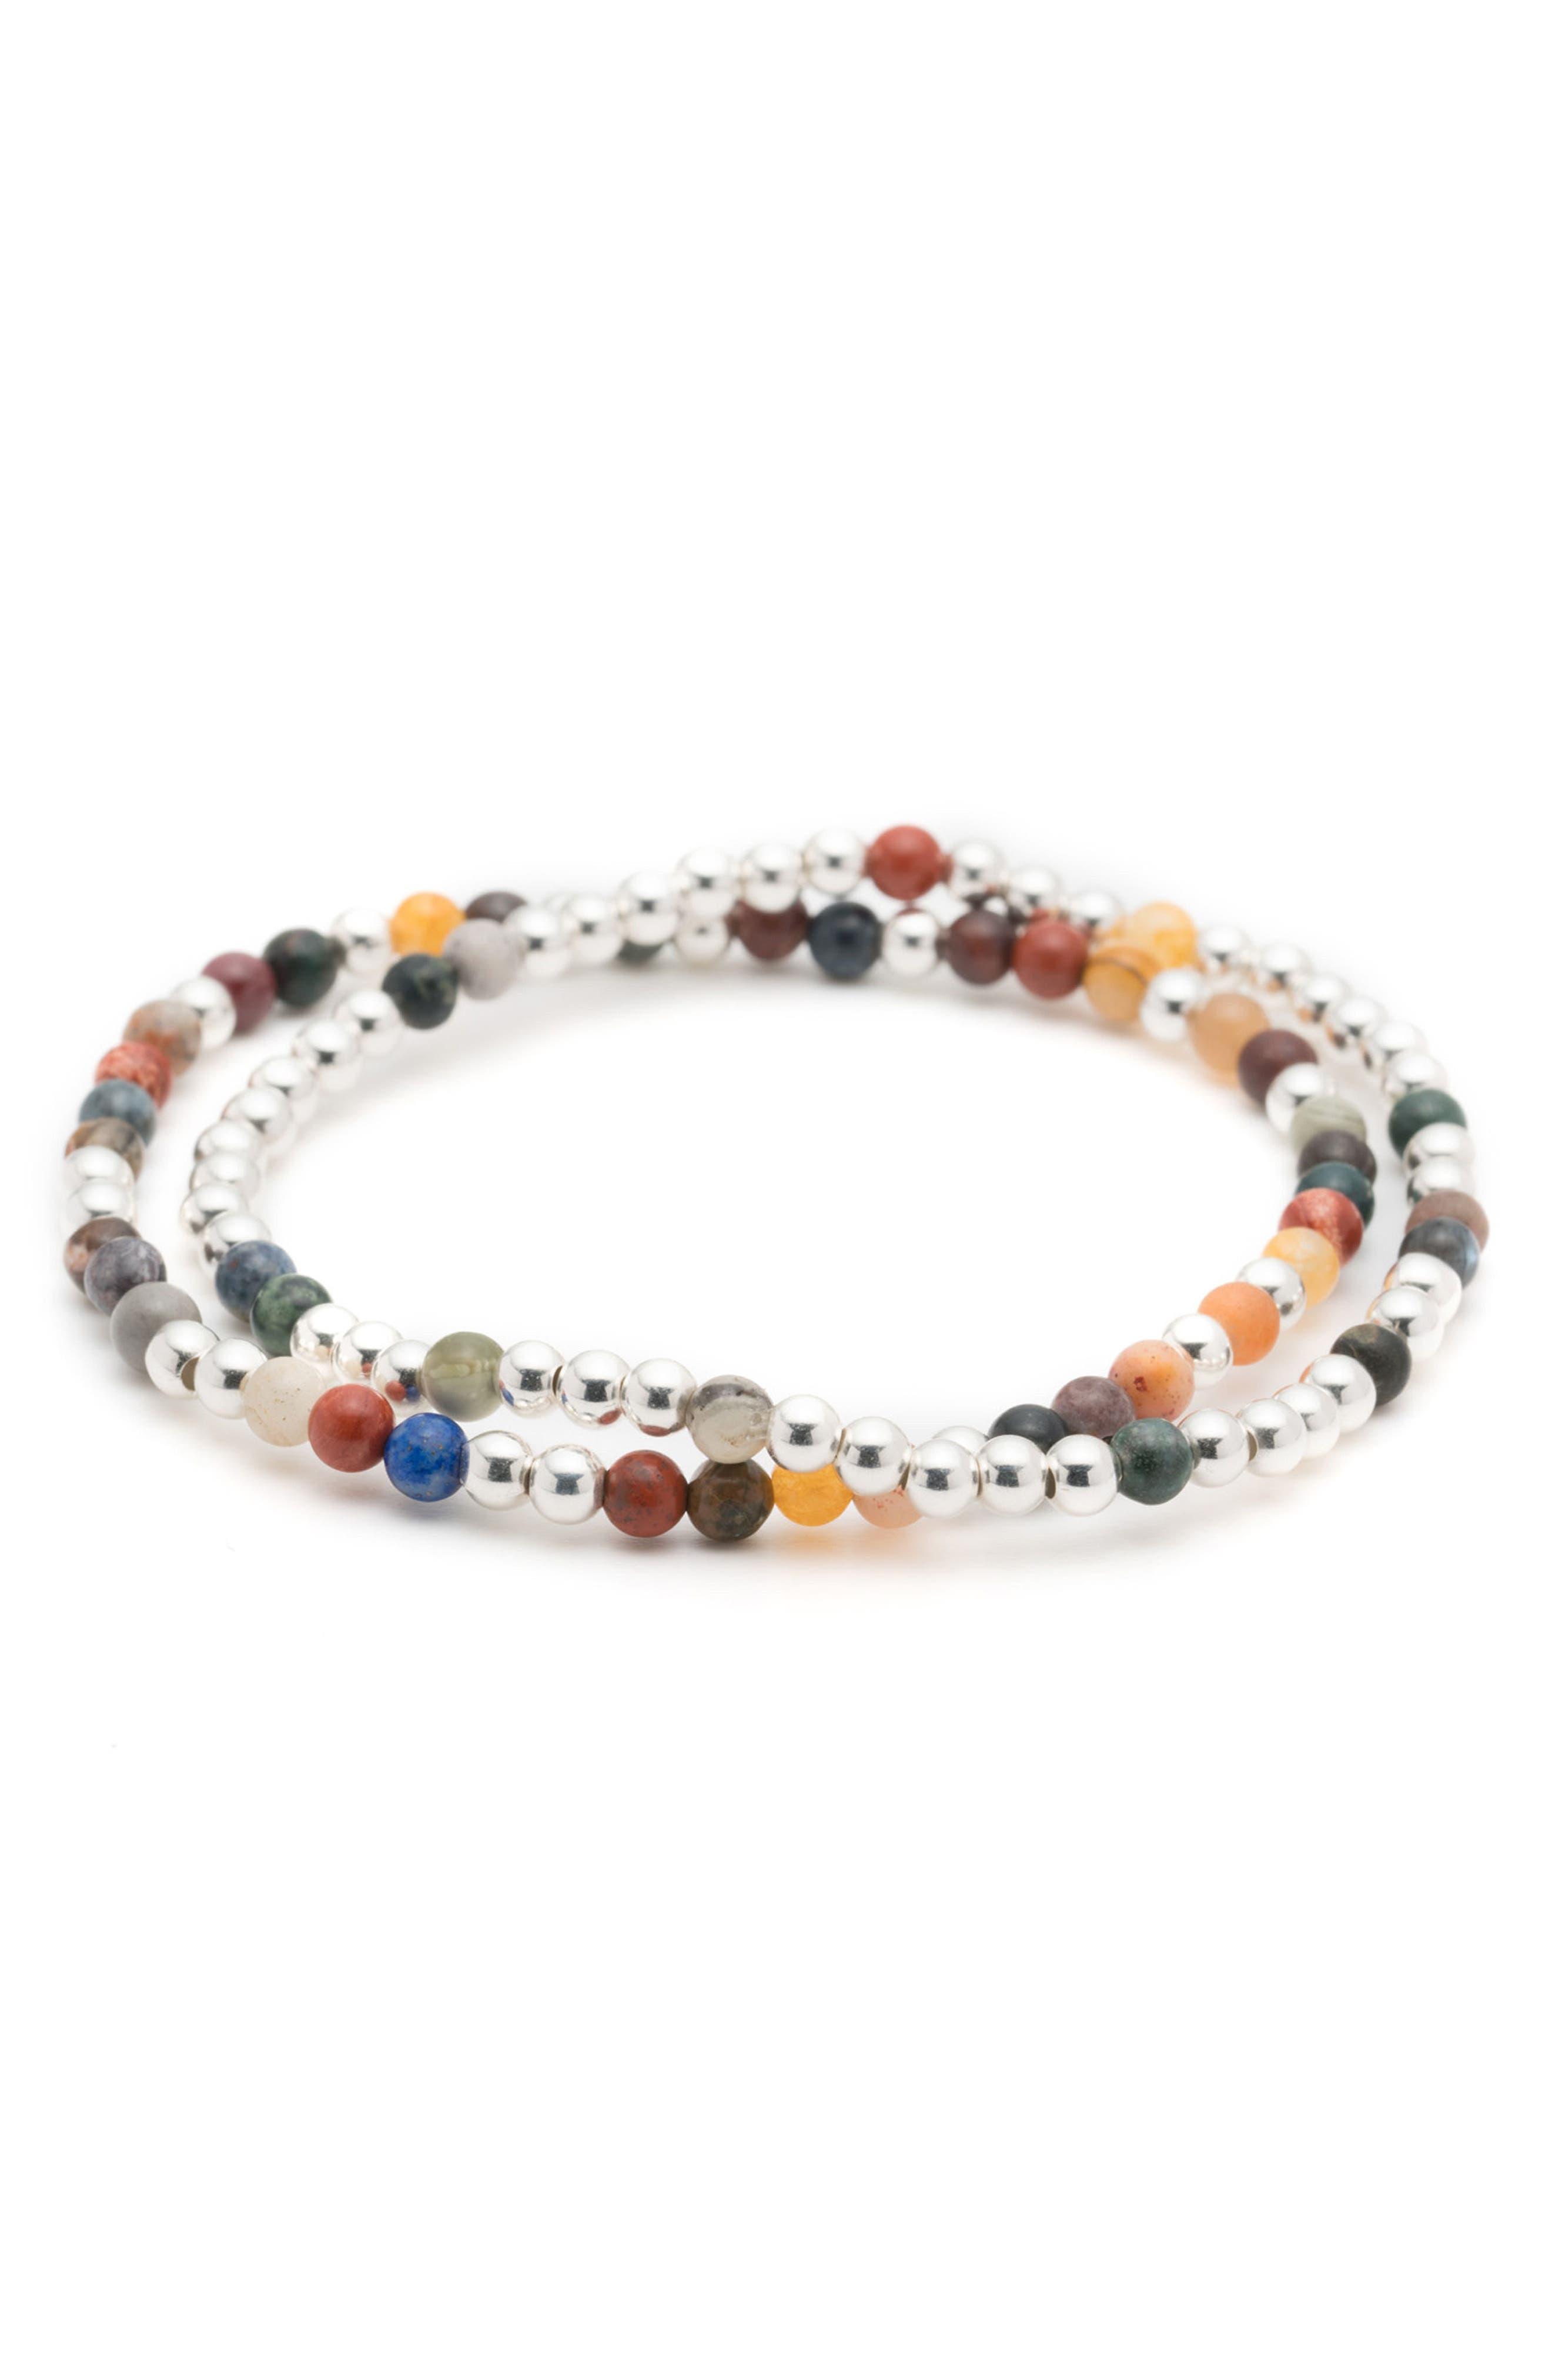 Essaouira 2-Pack Bracelets,                             Main thumbnail 1, color,                             040